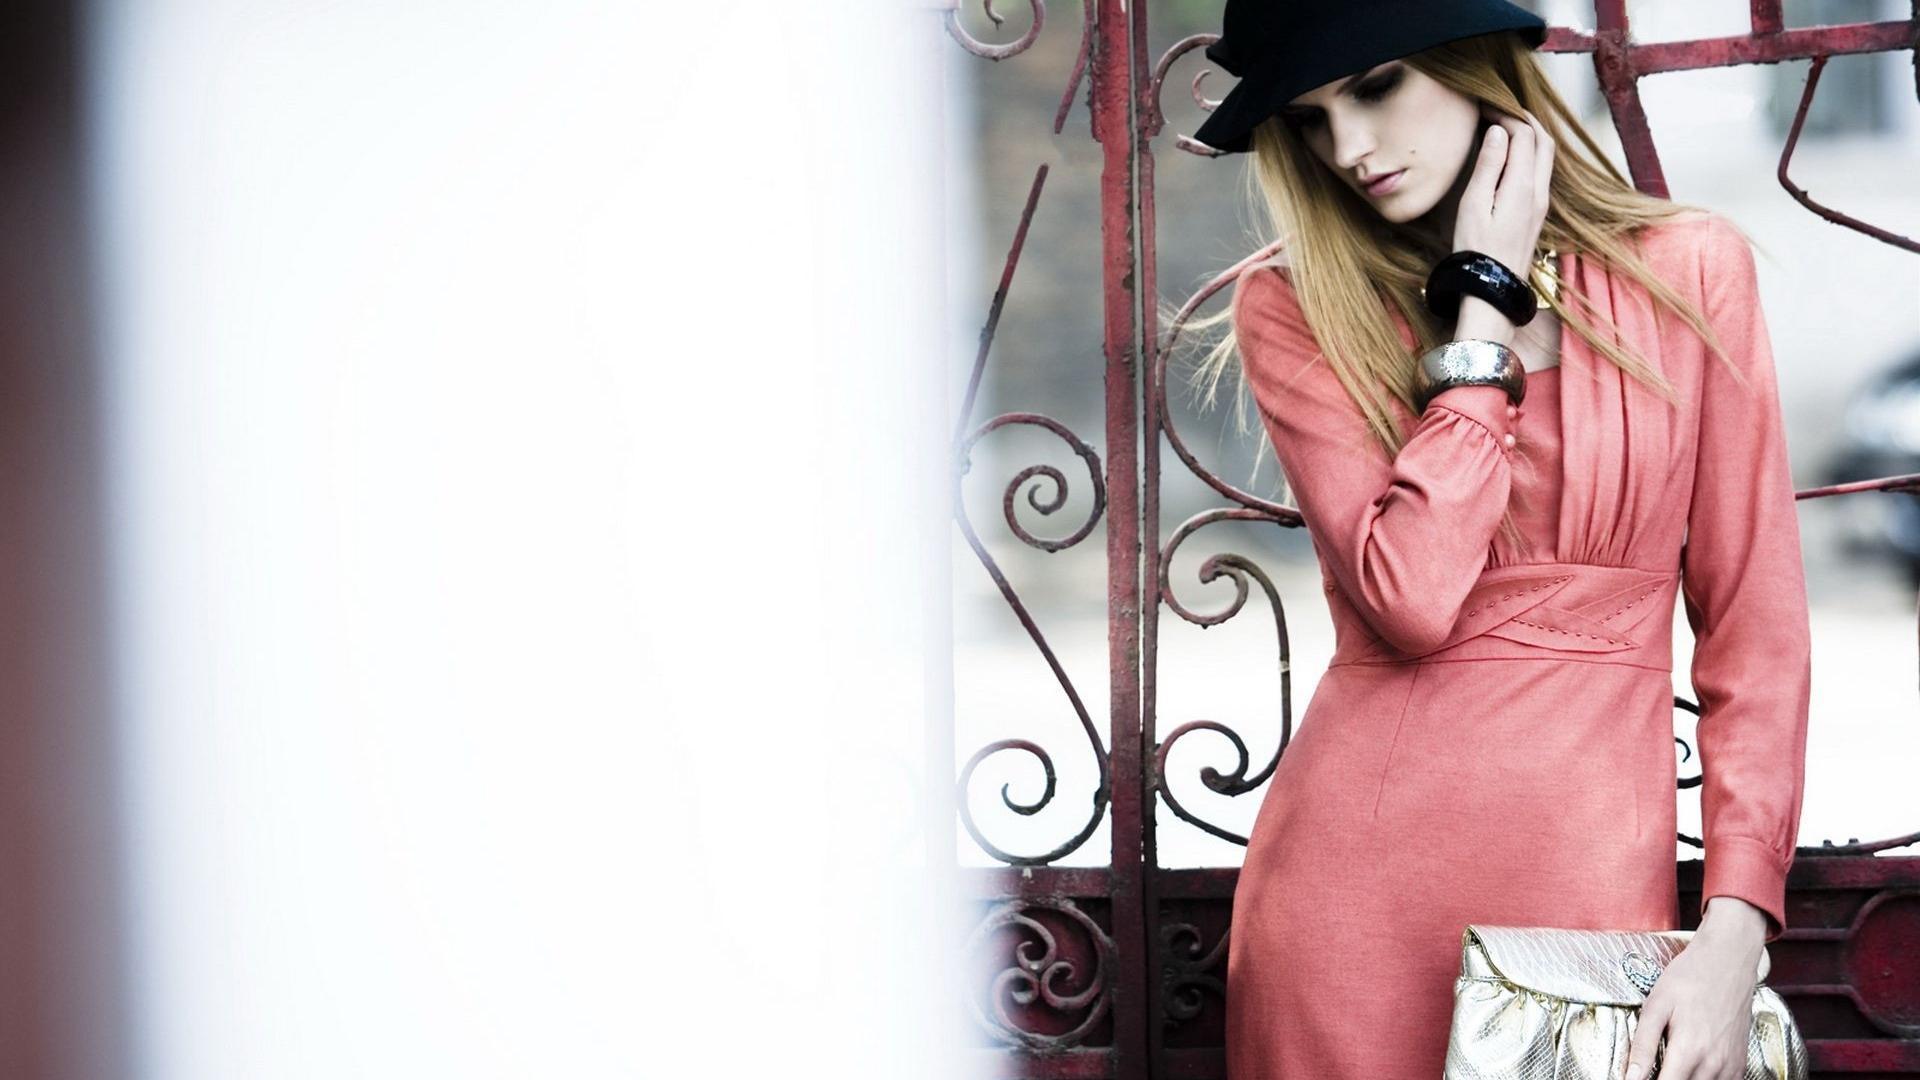 Vogue Wallpaper - WallpaperSafari